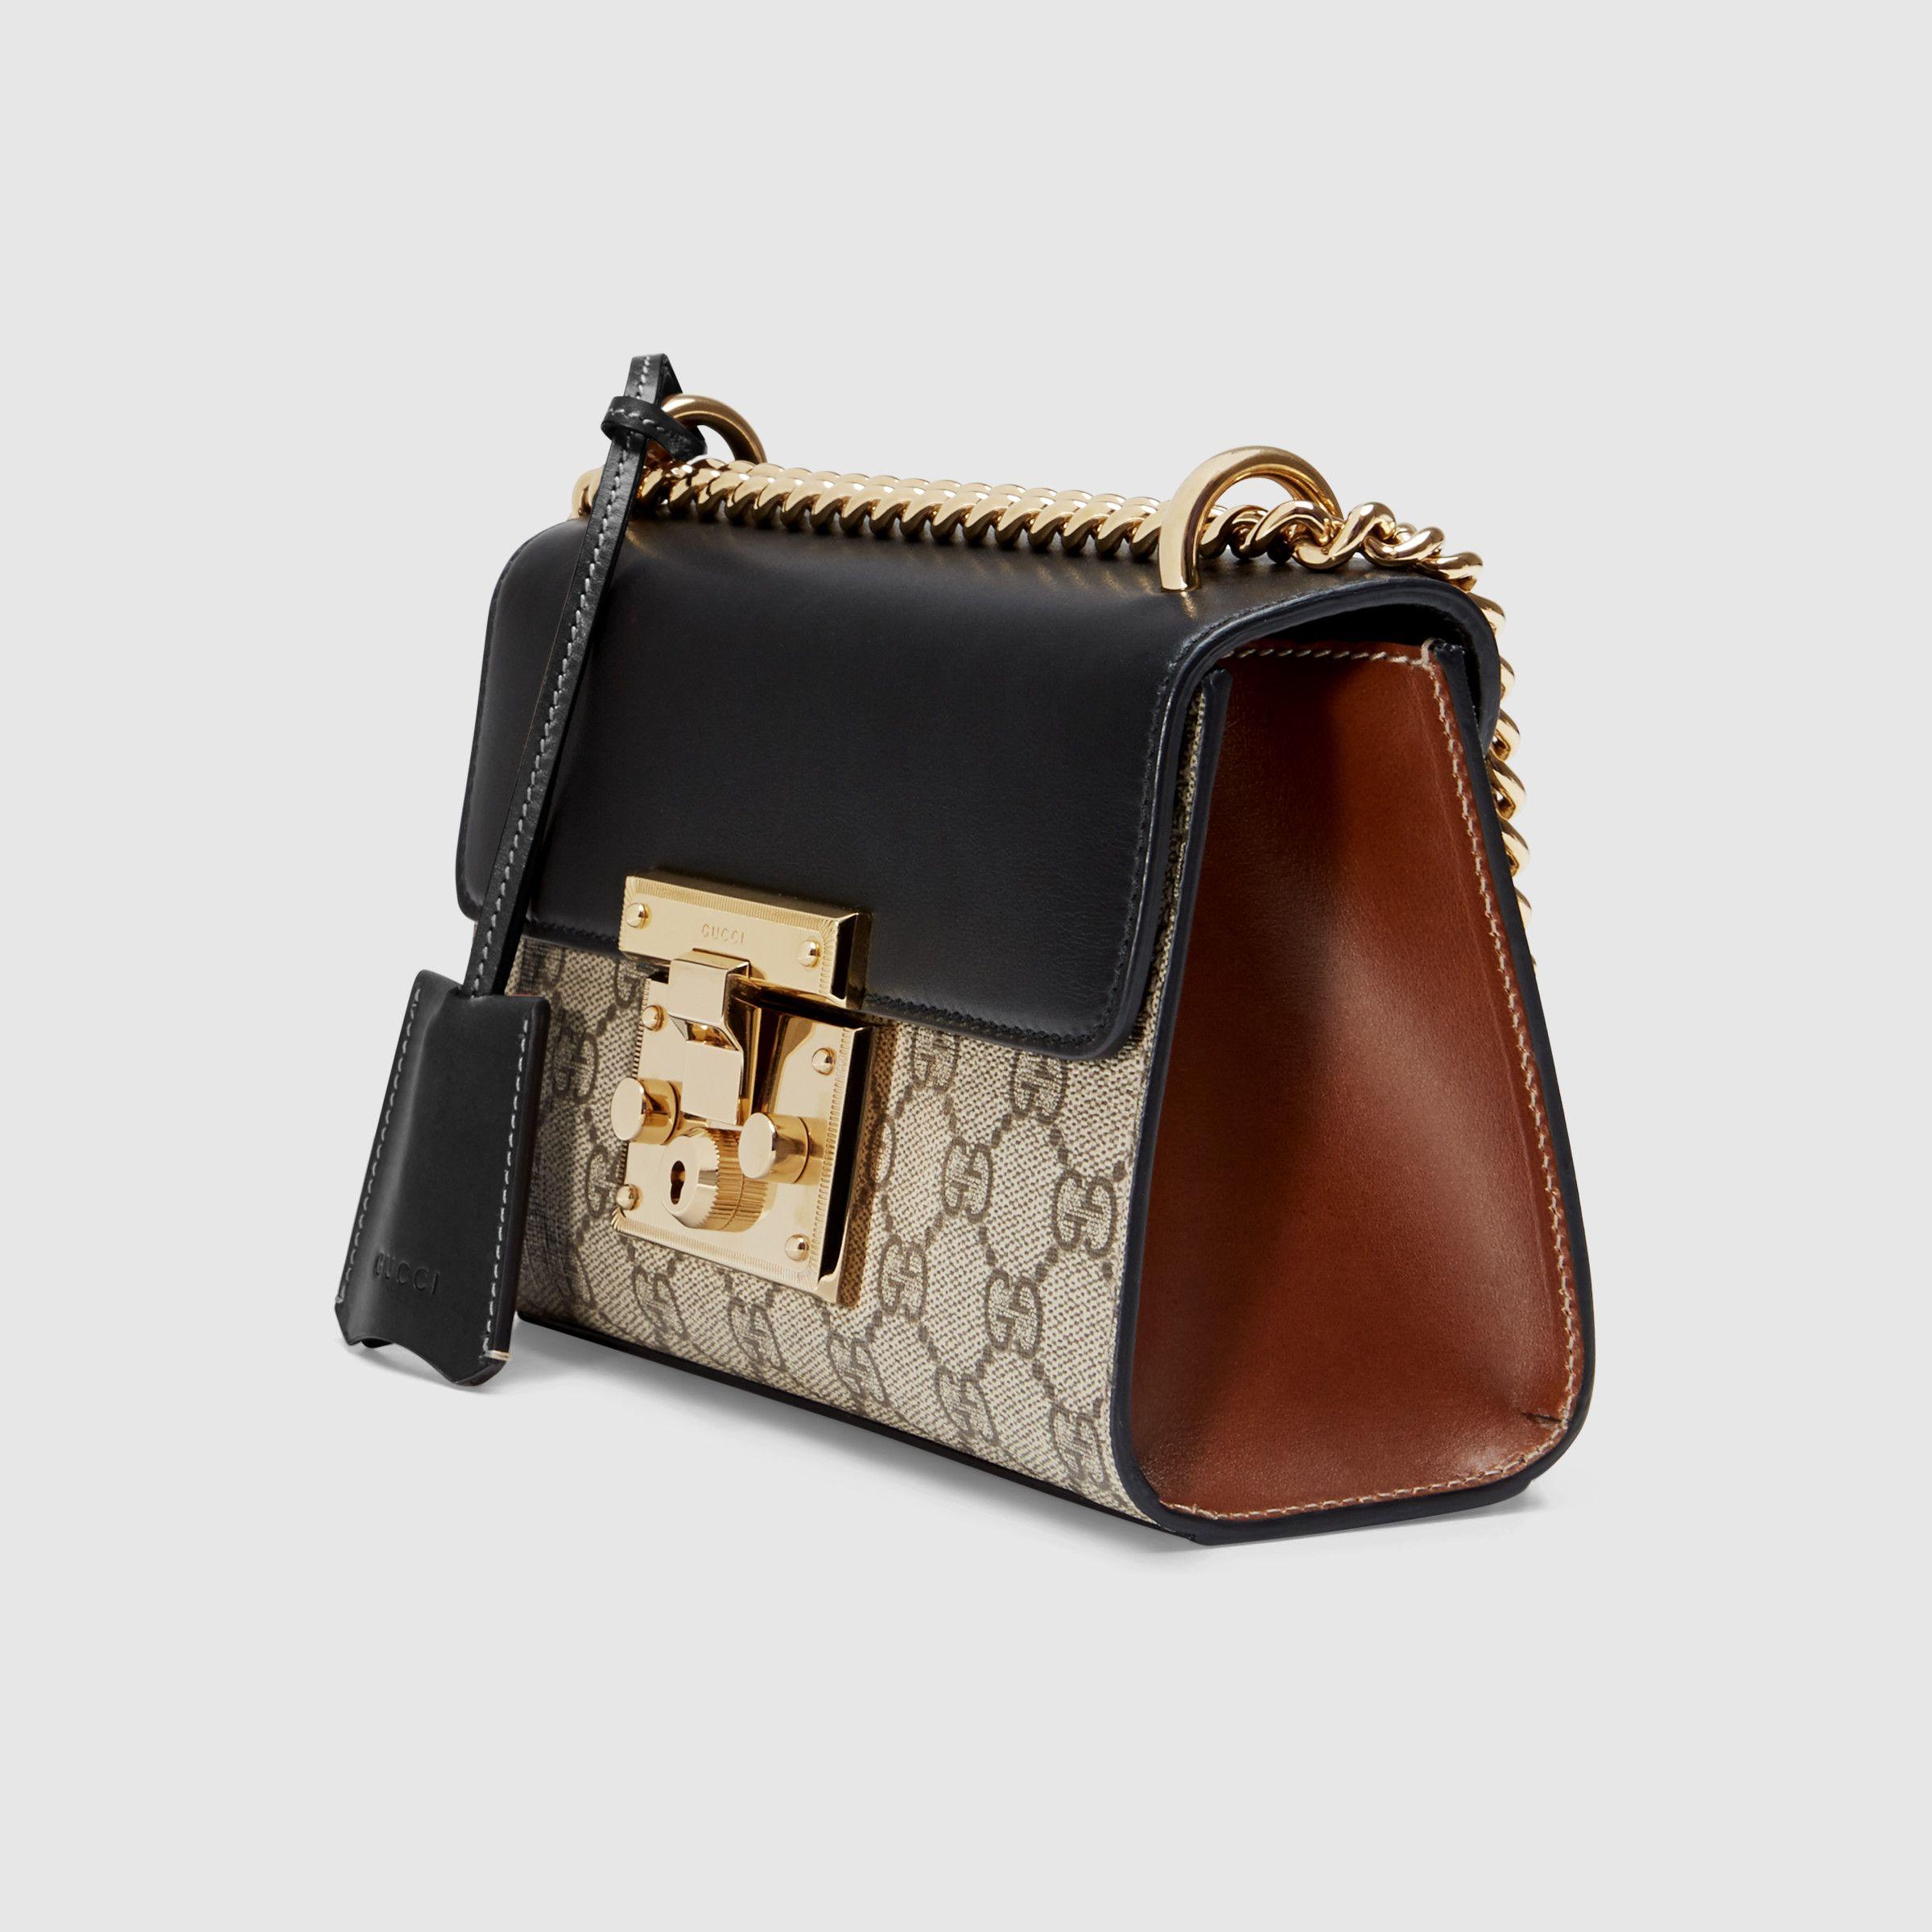 34adb25db6 Padlock small GG shoulder bag in Beige ebony GG Supreme canvas